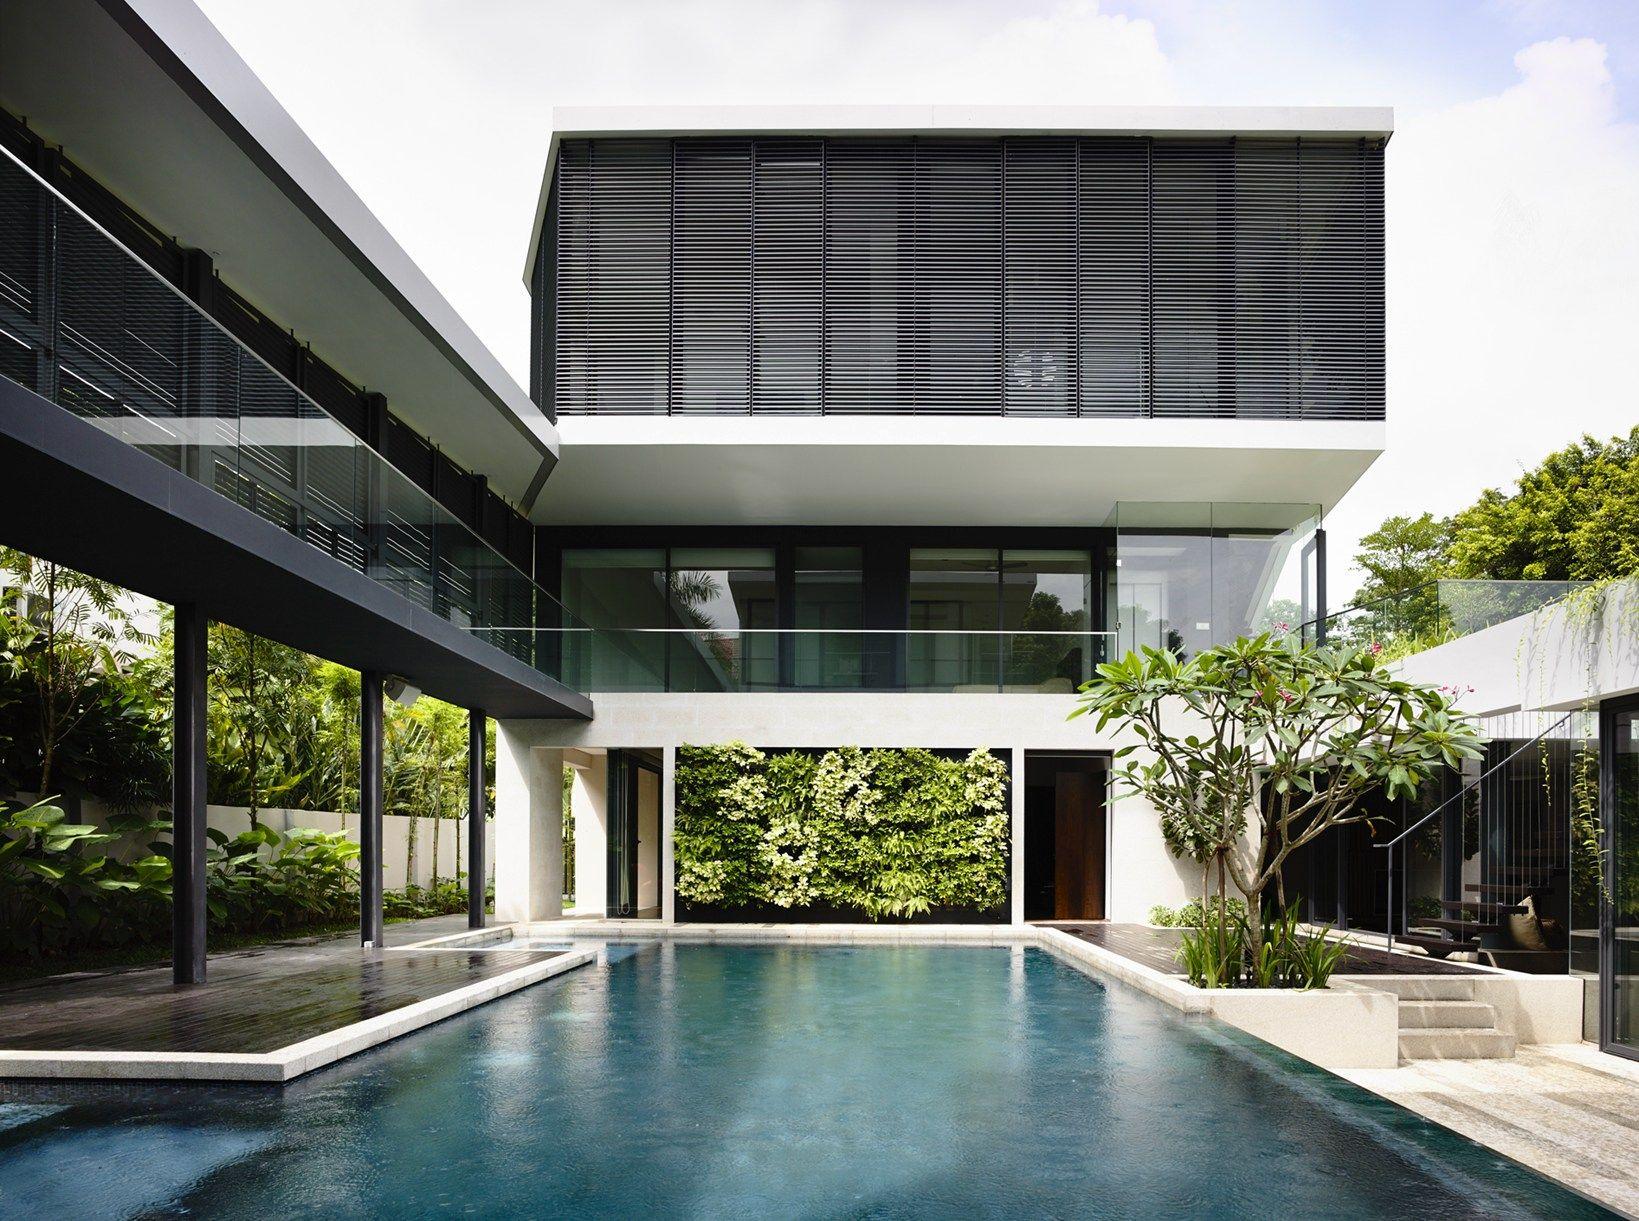 A Singapore a d lab completa la 2 Andrew Road